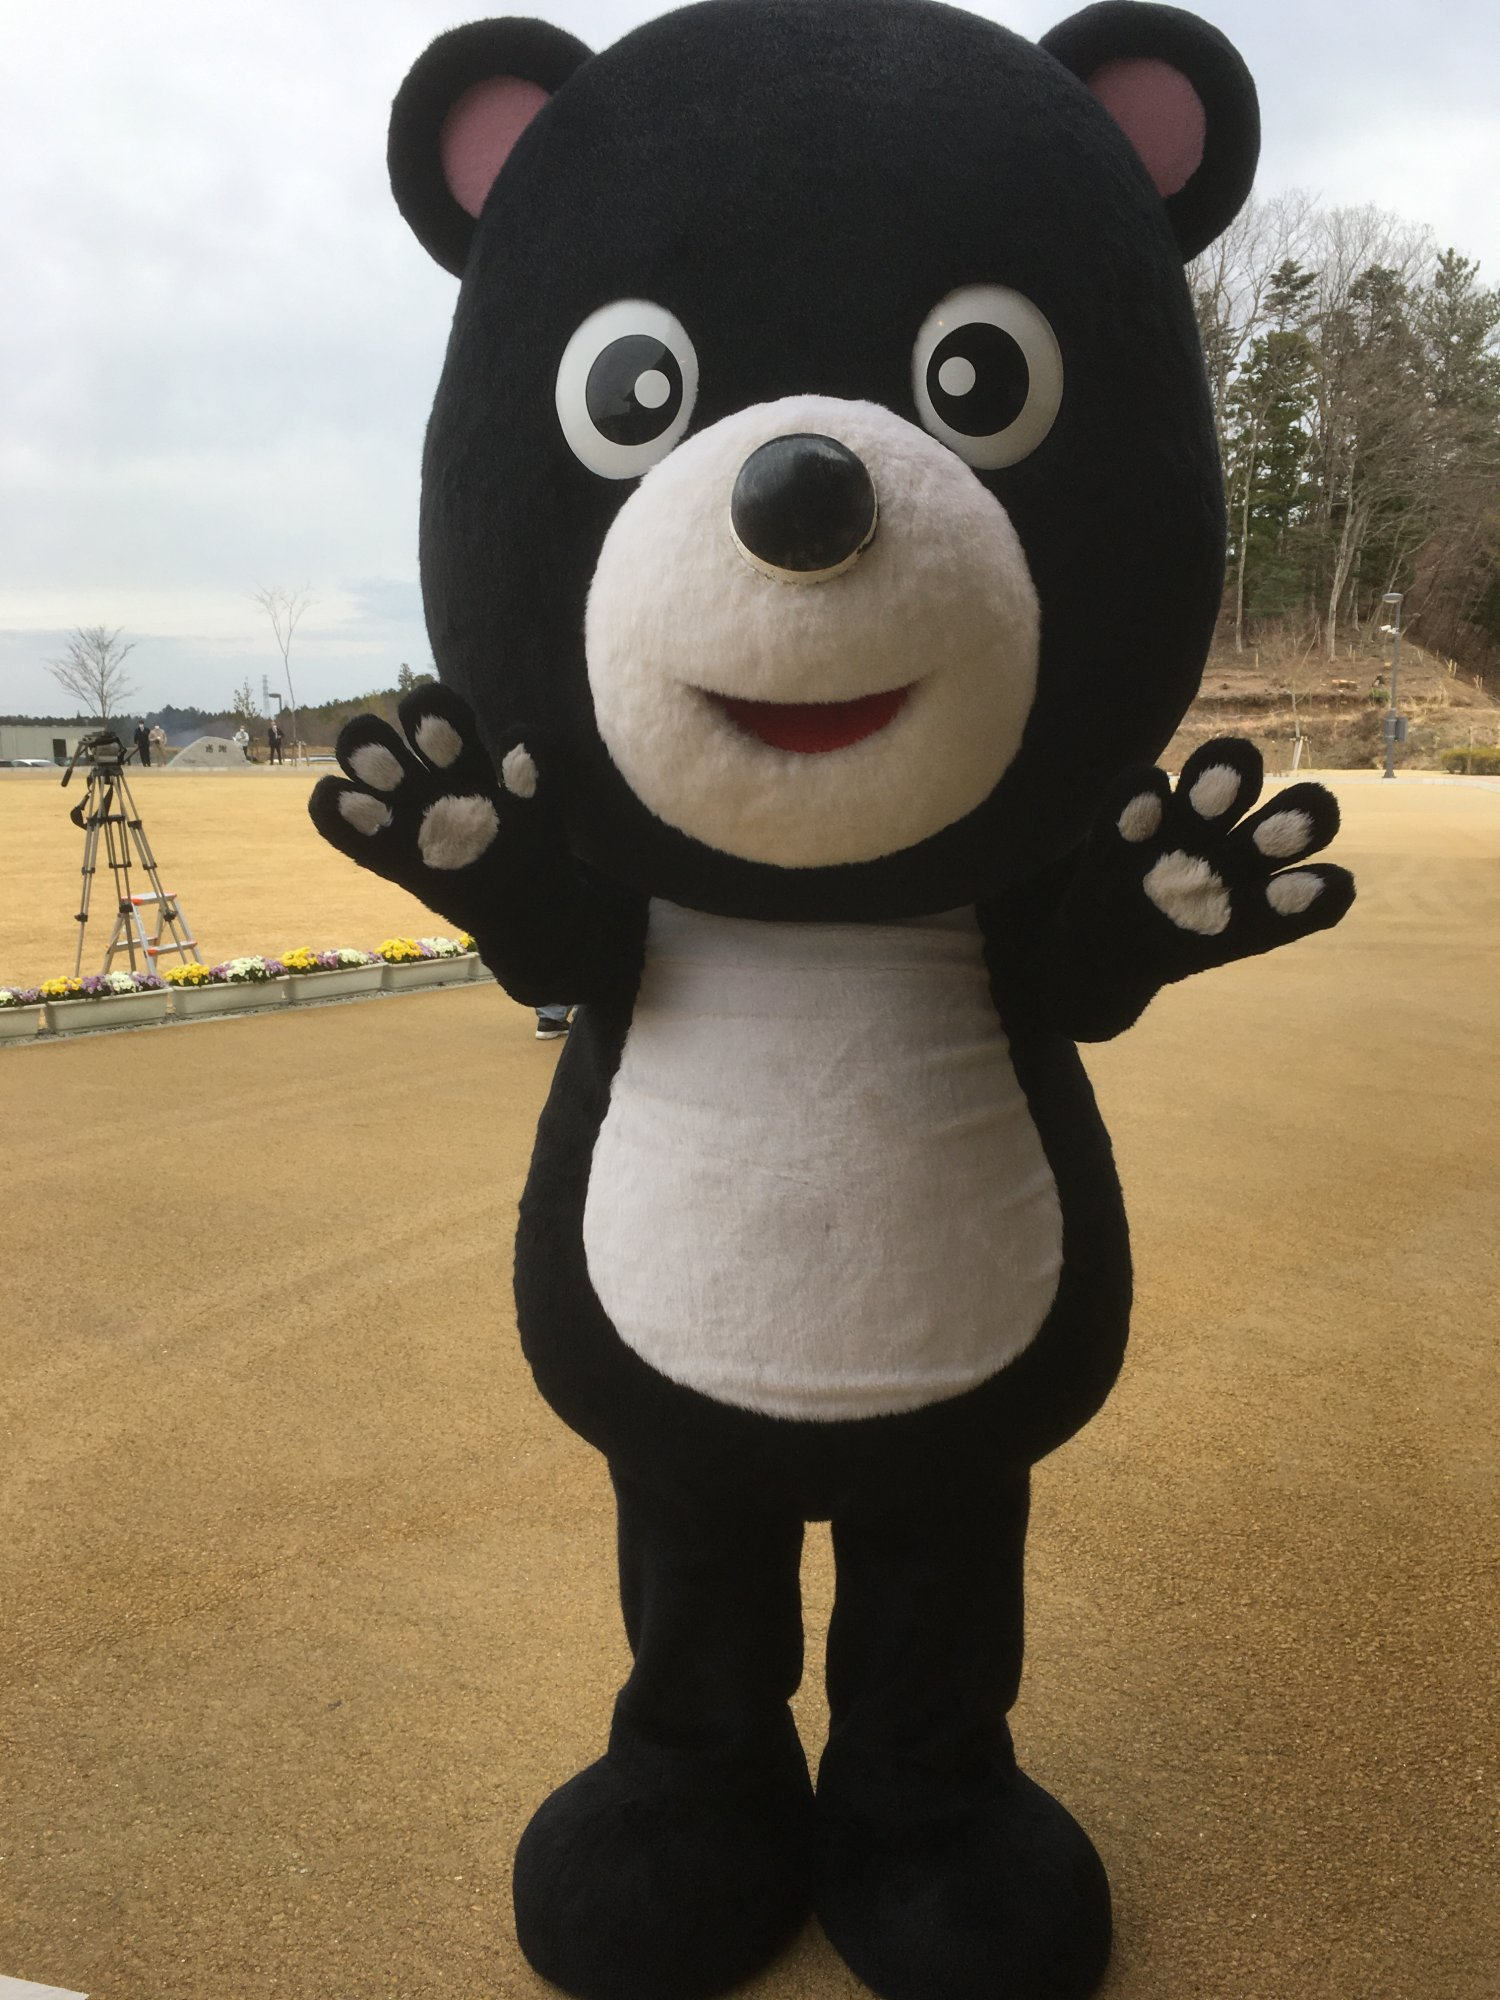 大熊町のマスコットキャラクター「まあちゃん」。 震災後は避難で離れ離れになった町民の絆維持に奔走中なのだとか。